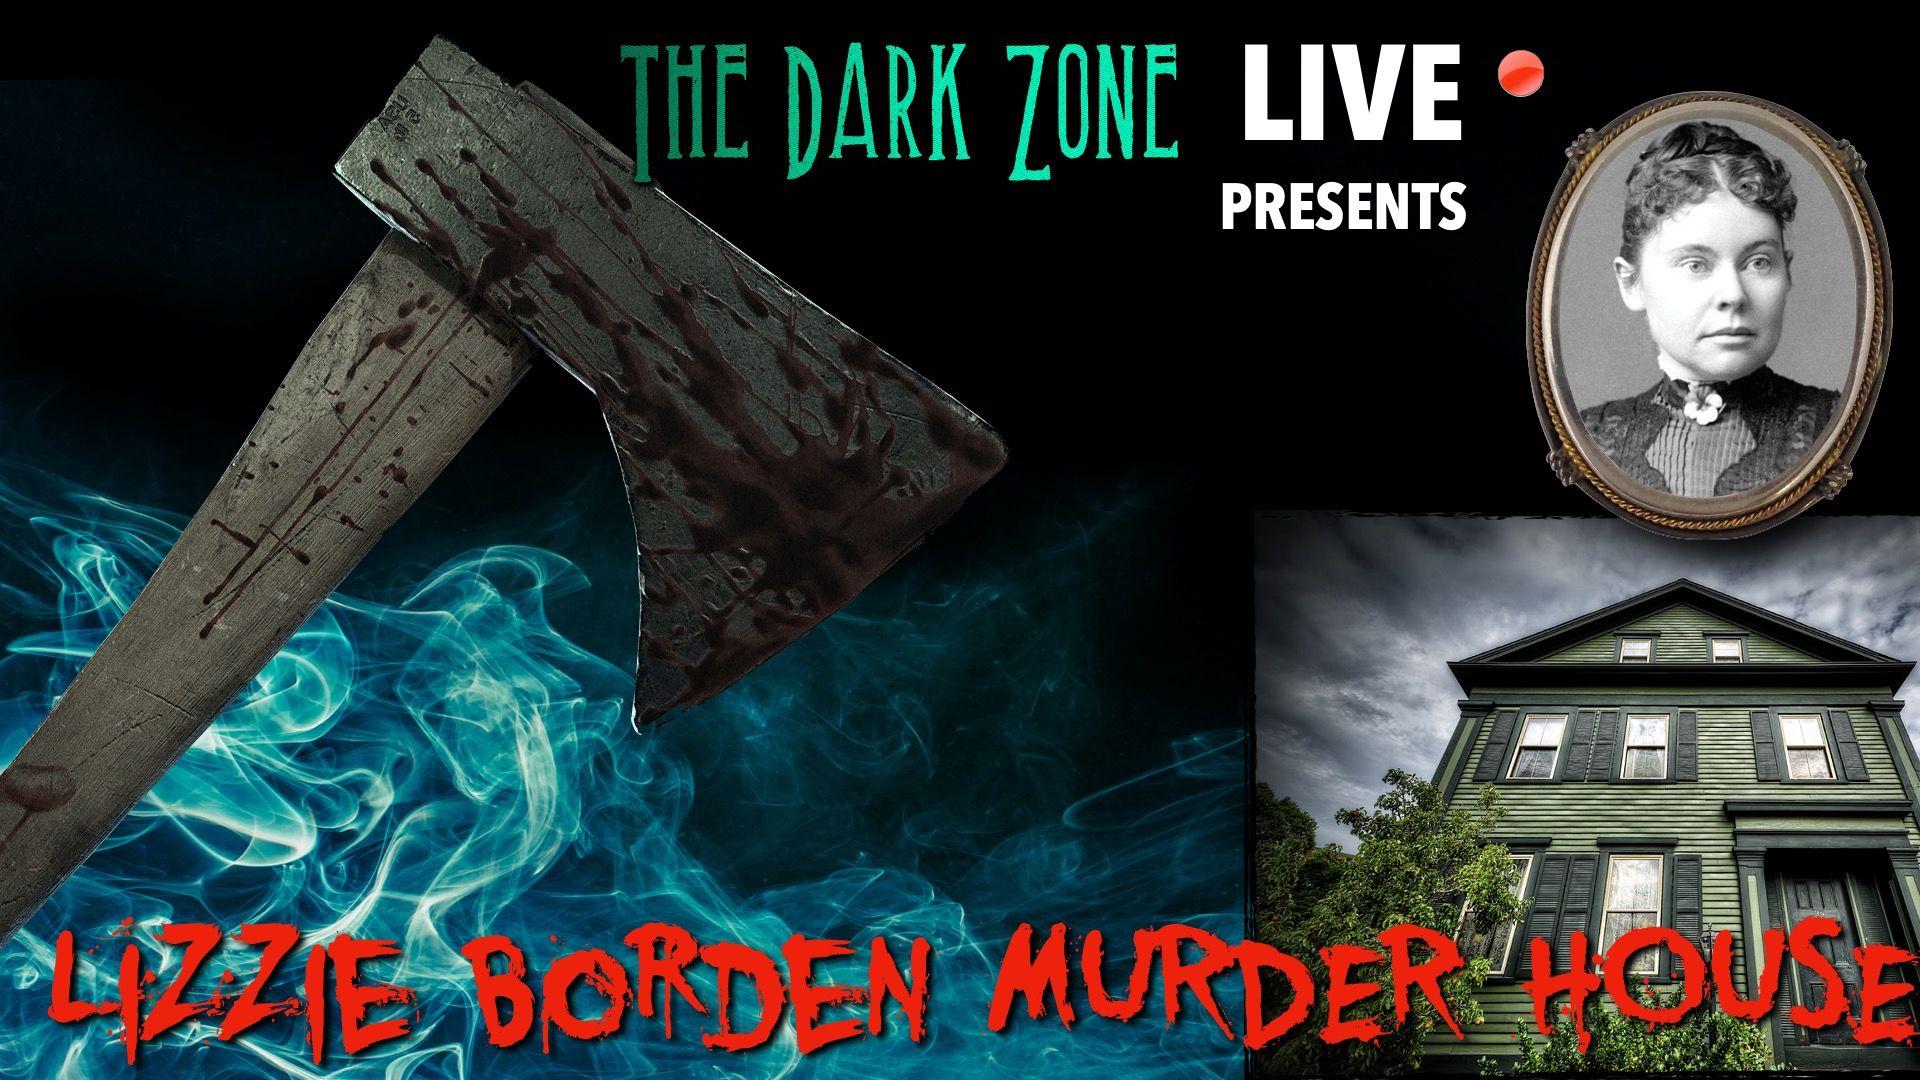 The Dark Zone presents: Lizzie Borden Murder House LIVE